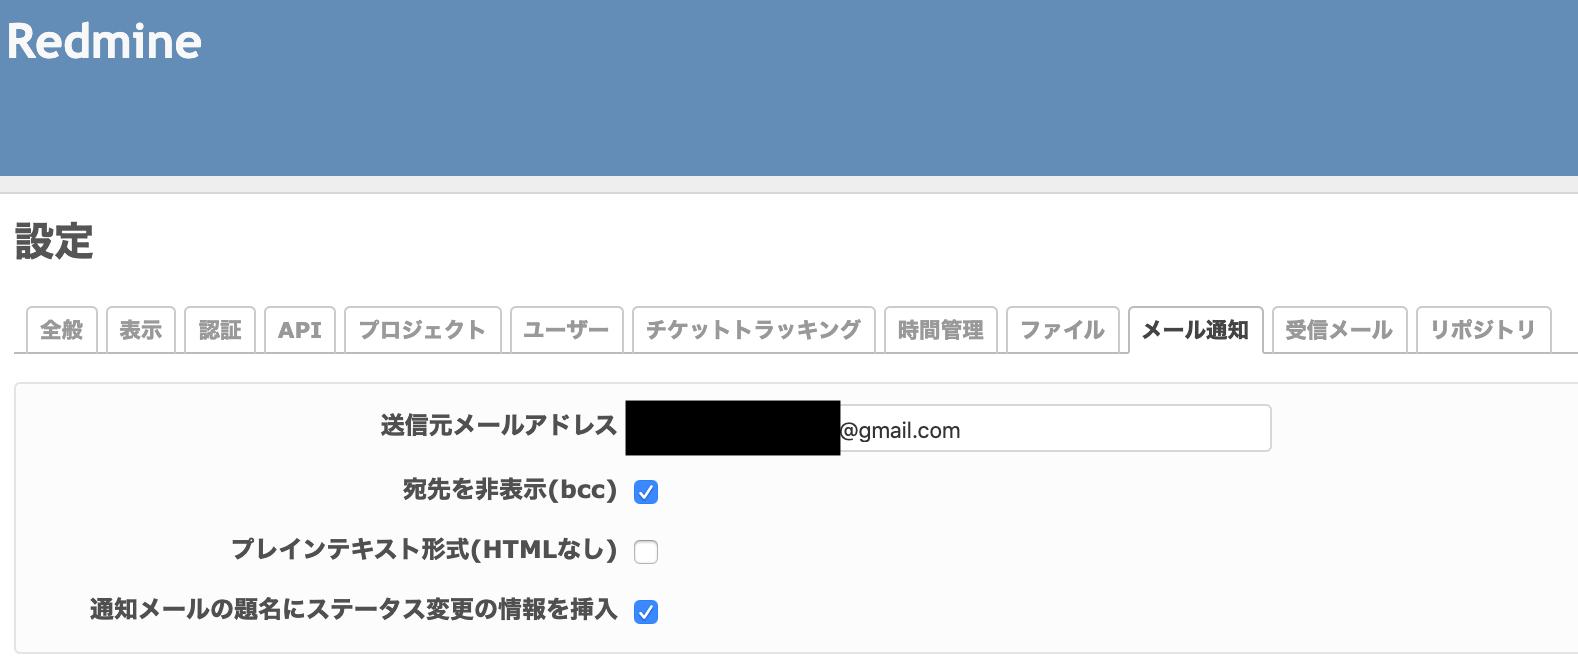 スクリーンショット 2020-02-21 12.16.32.png